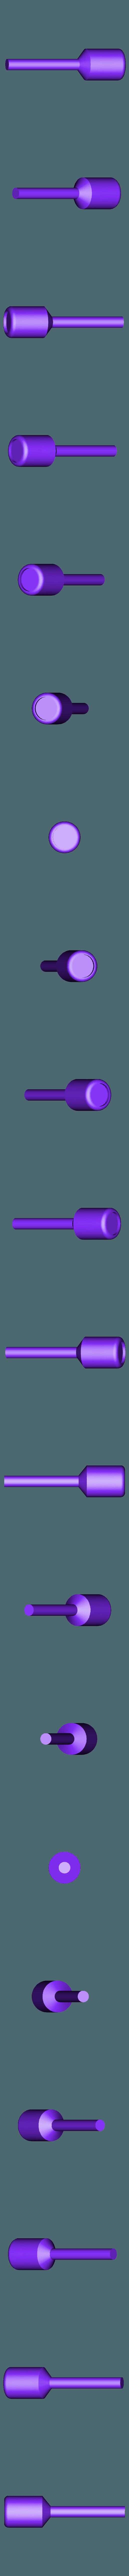 Sight_Lense_Top_2.stl Télécharger fichier STL gratuit Le concept du fusil Khan de Marvels The Exiles • Plan pour imprimante 3D, Dsk